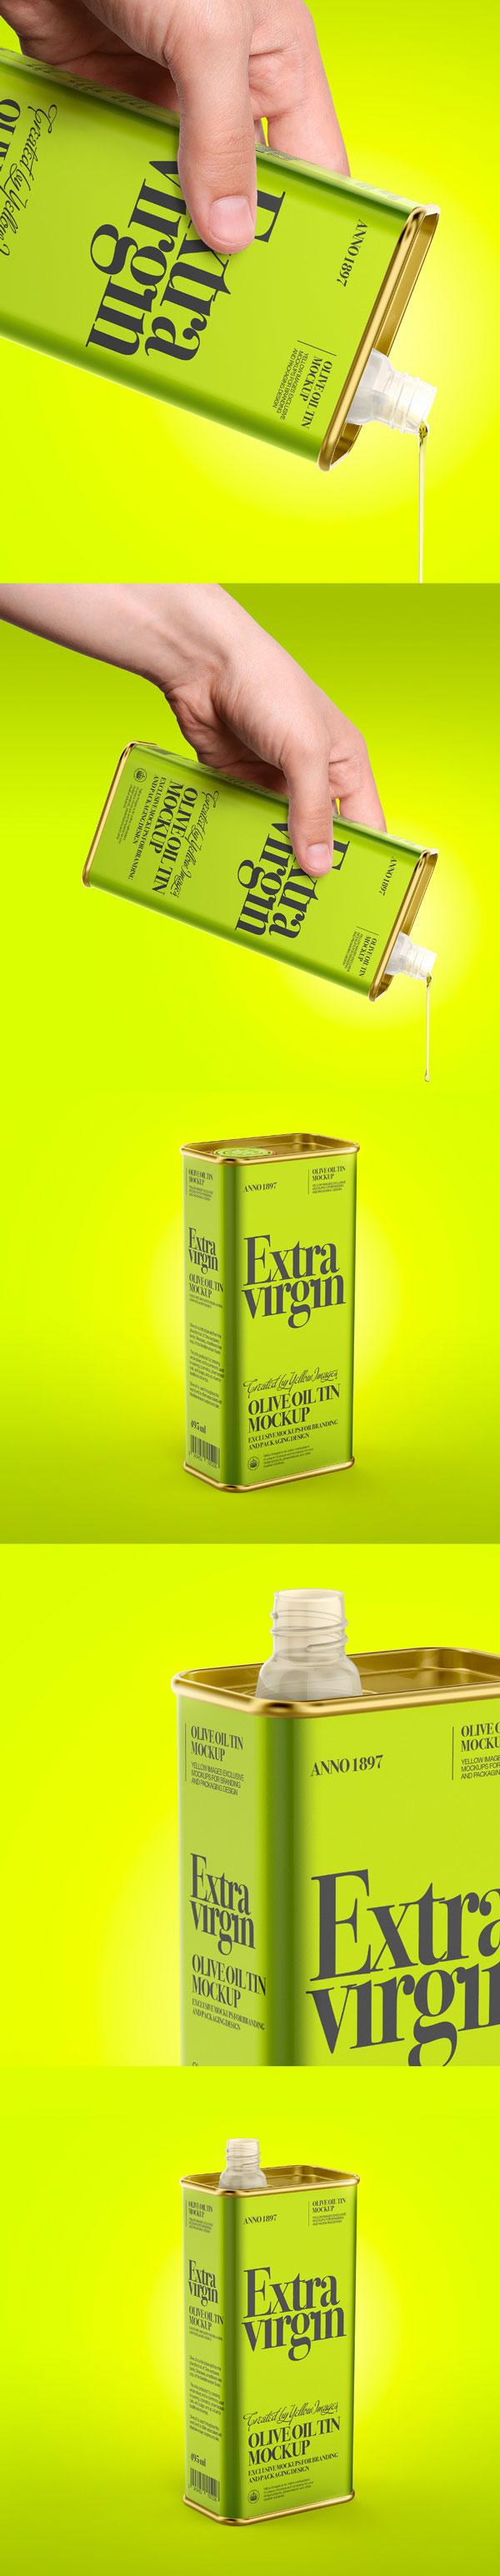 橄榄油锡罐样机